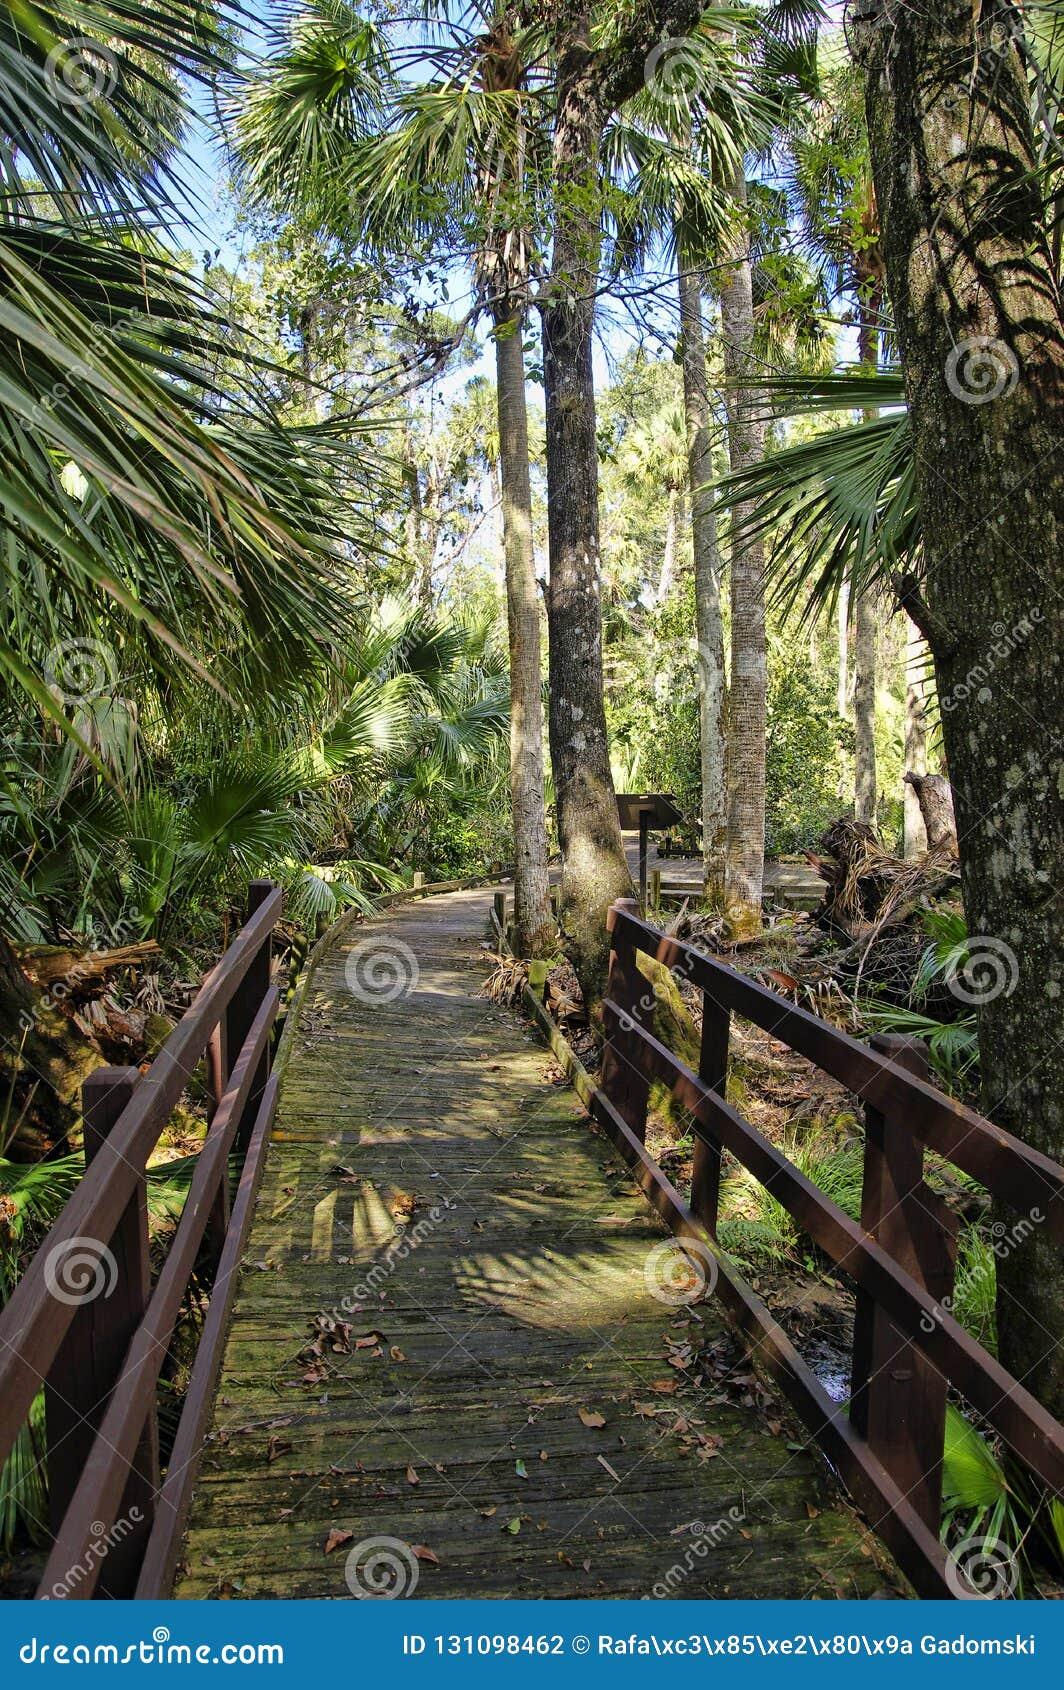 Passeio à beira mar de madeira na área de recreação na floresta nacional de Ocala situada em Juniper Springs Florida